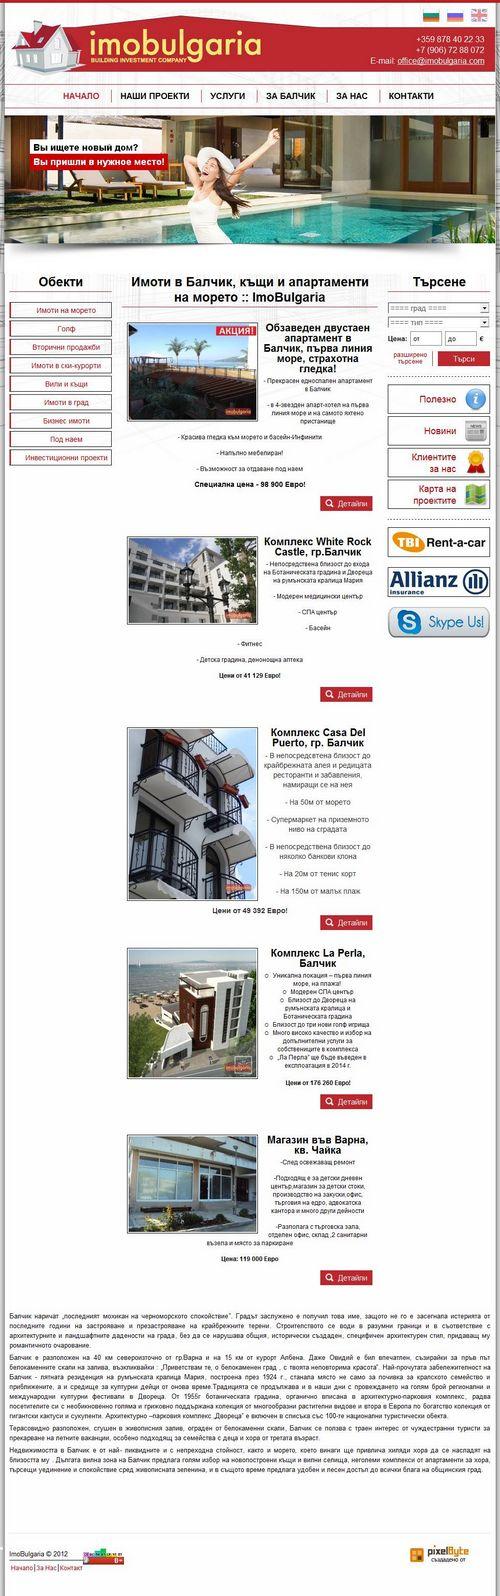 Недвижимость в болгарии: за и против